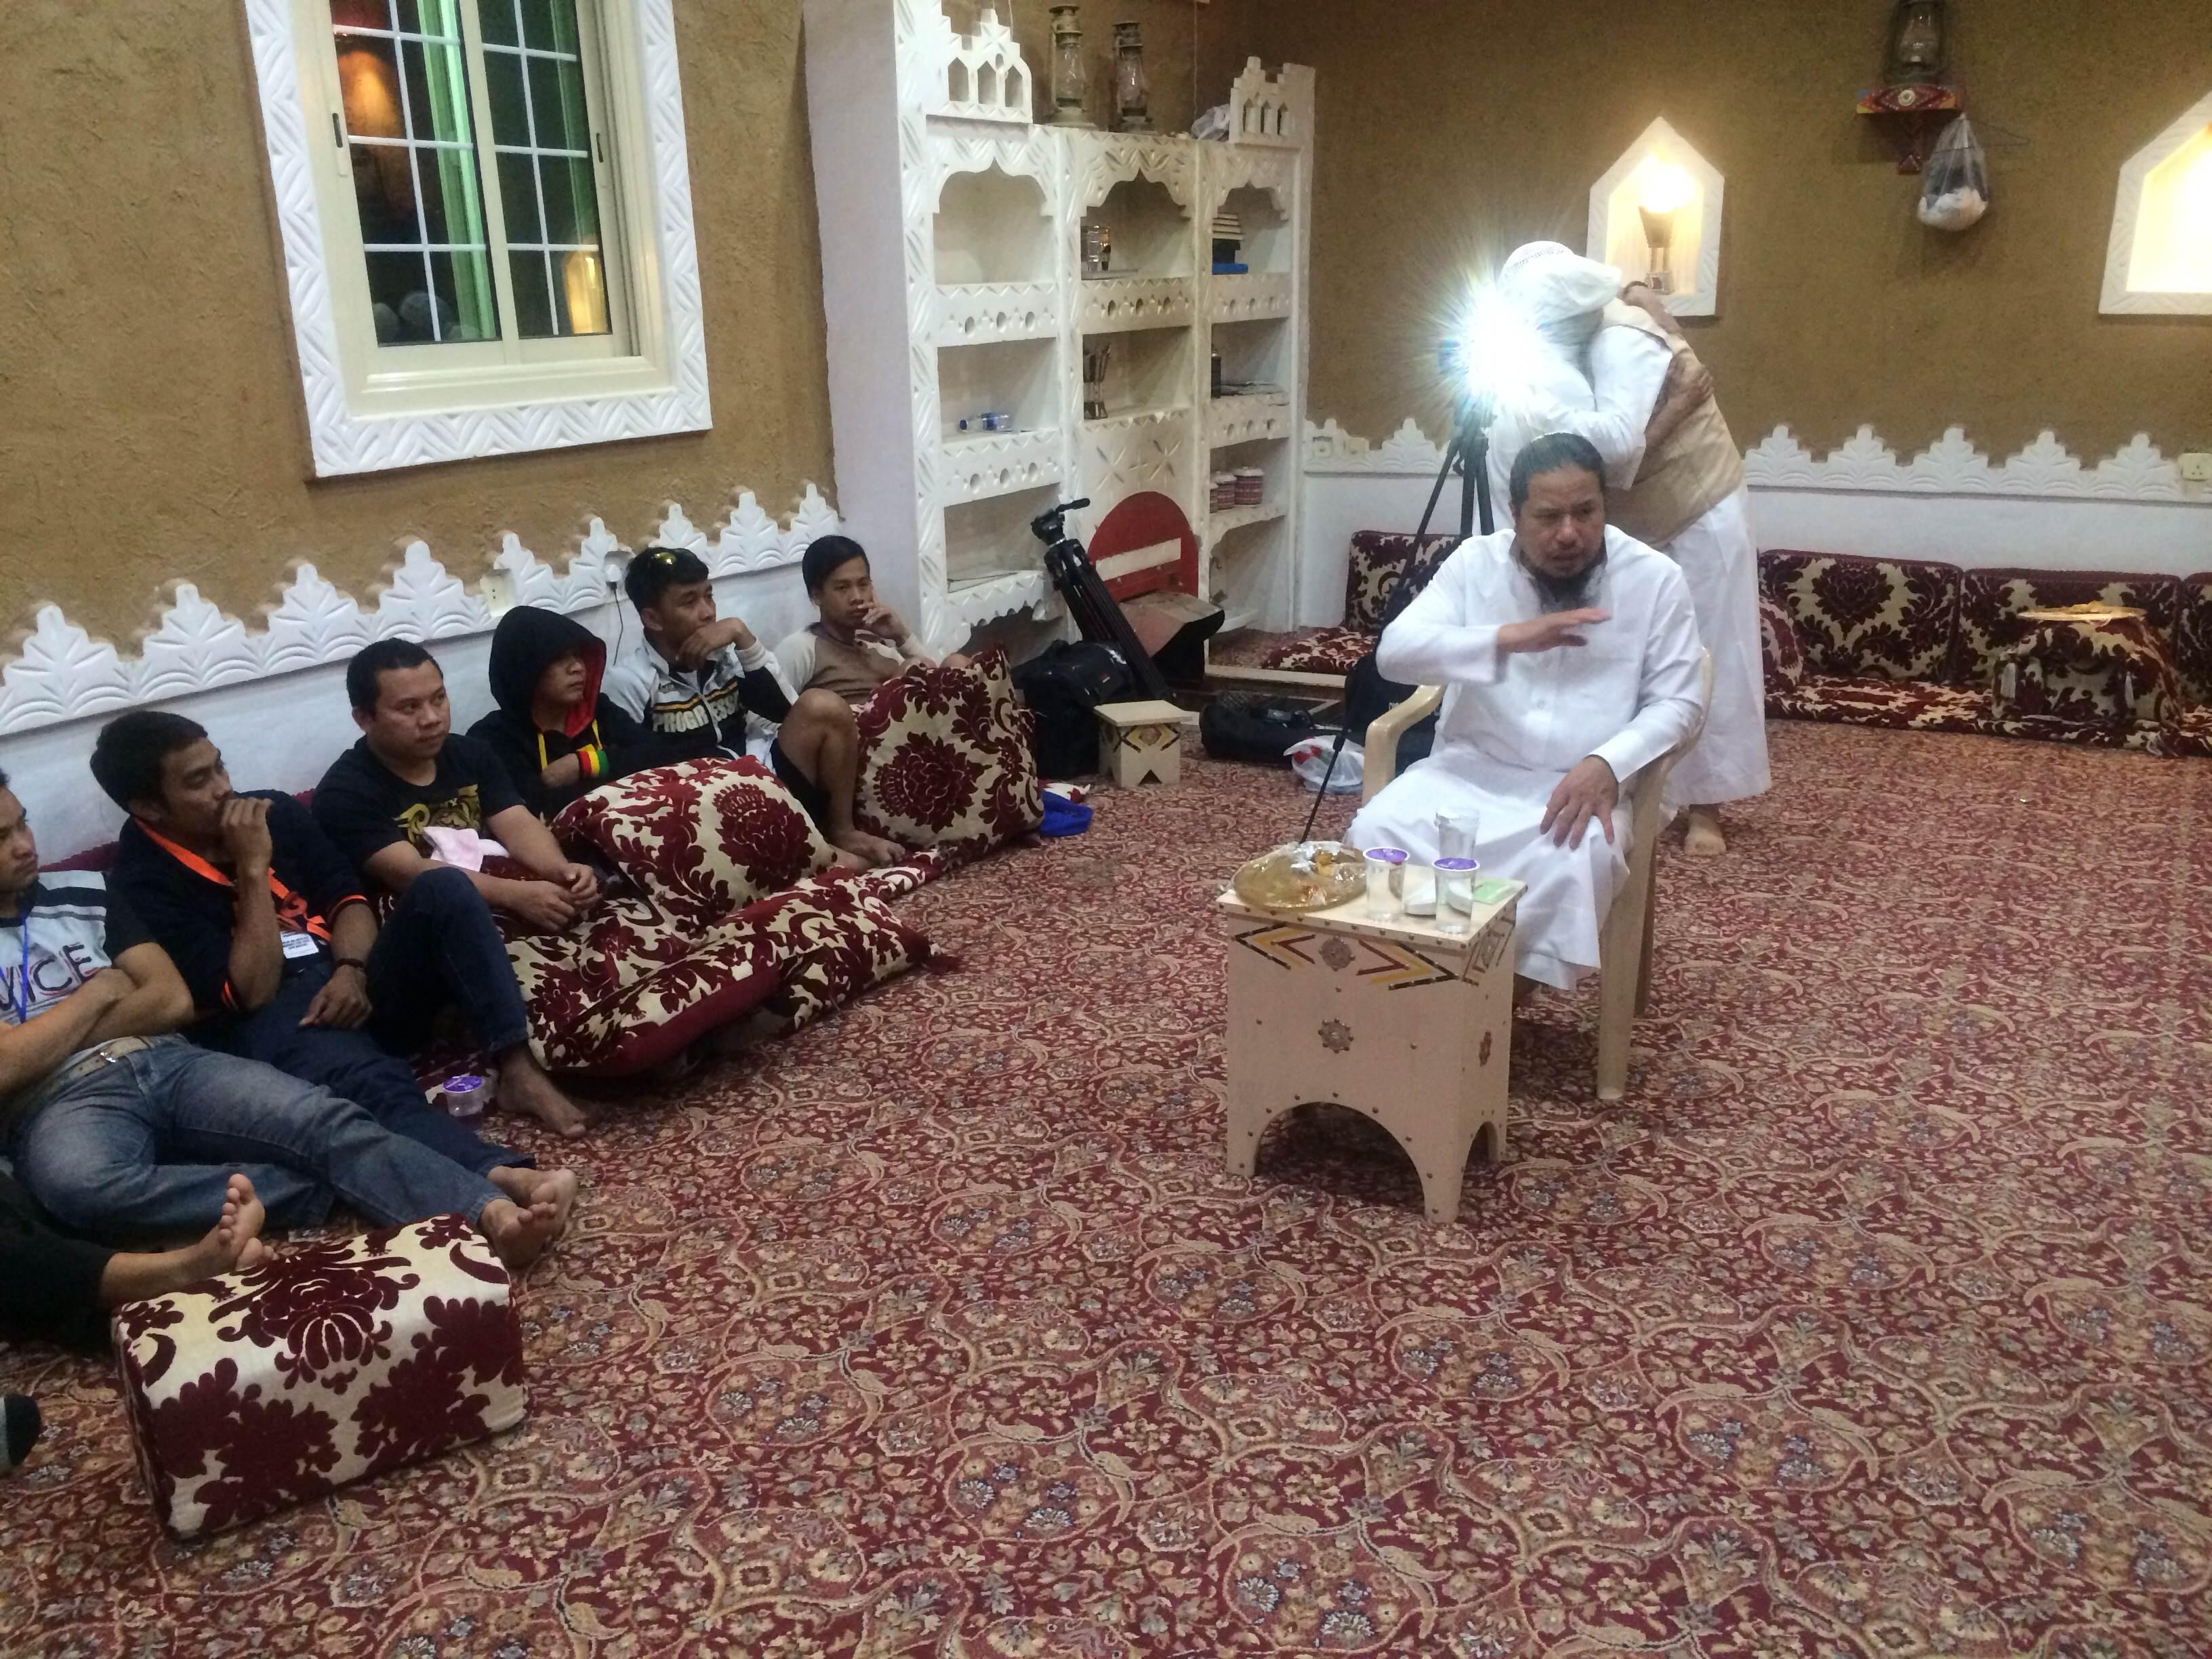 إسلام 9 من الجالية الفلبينة بملتقى بشائر الخير دعوى شمال الرياض (2)